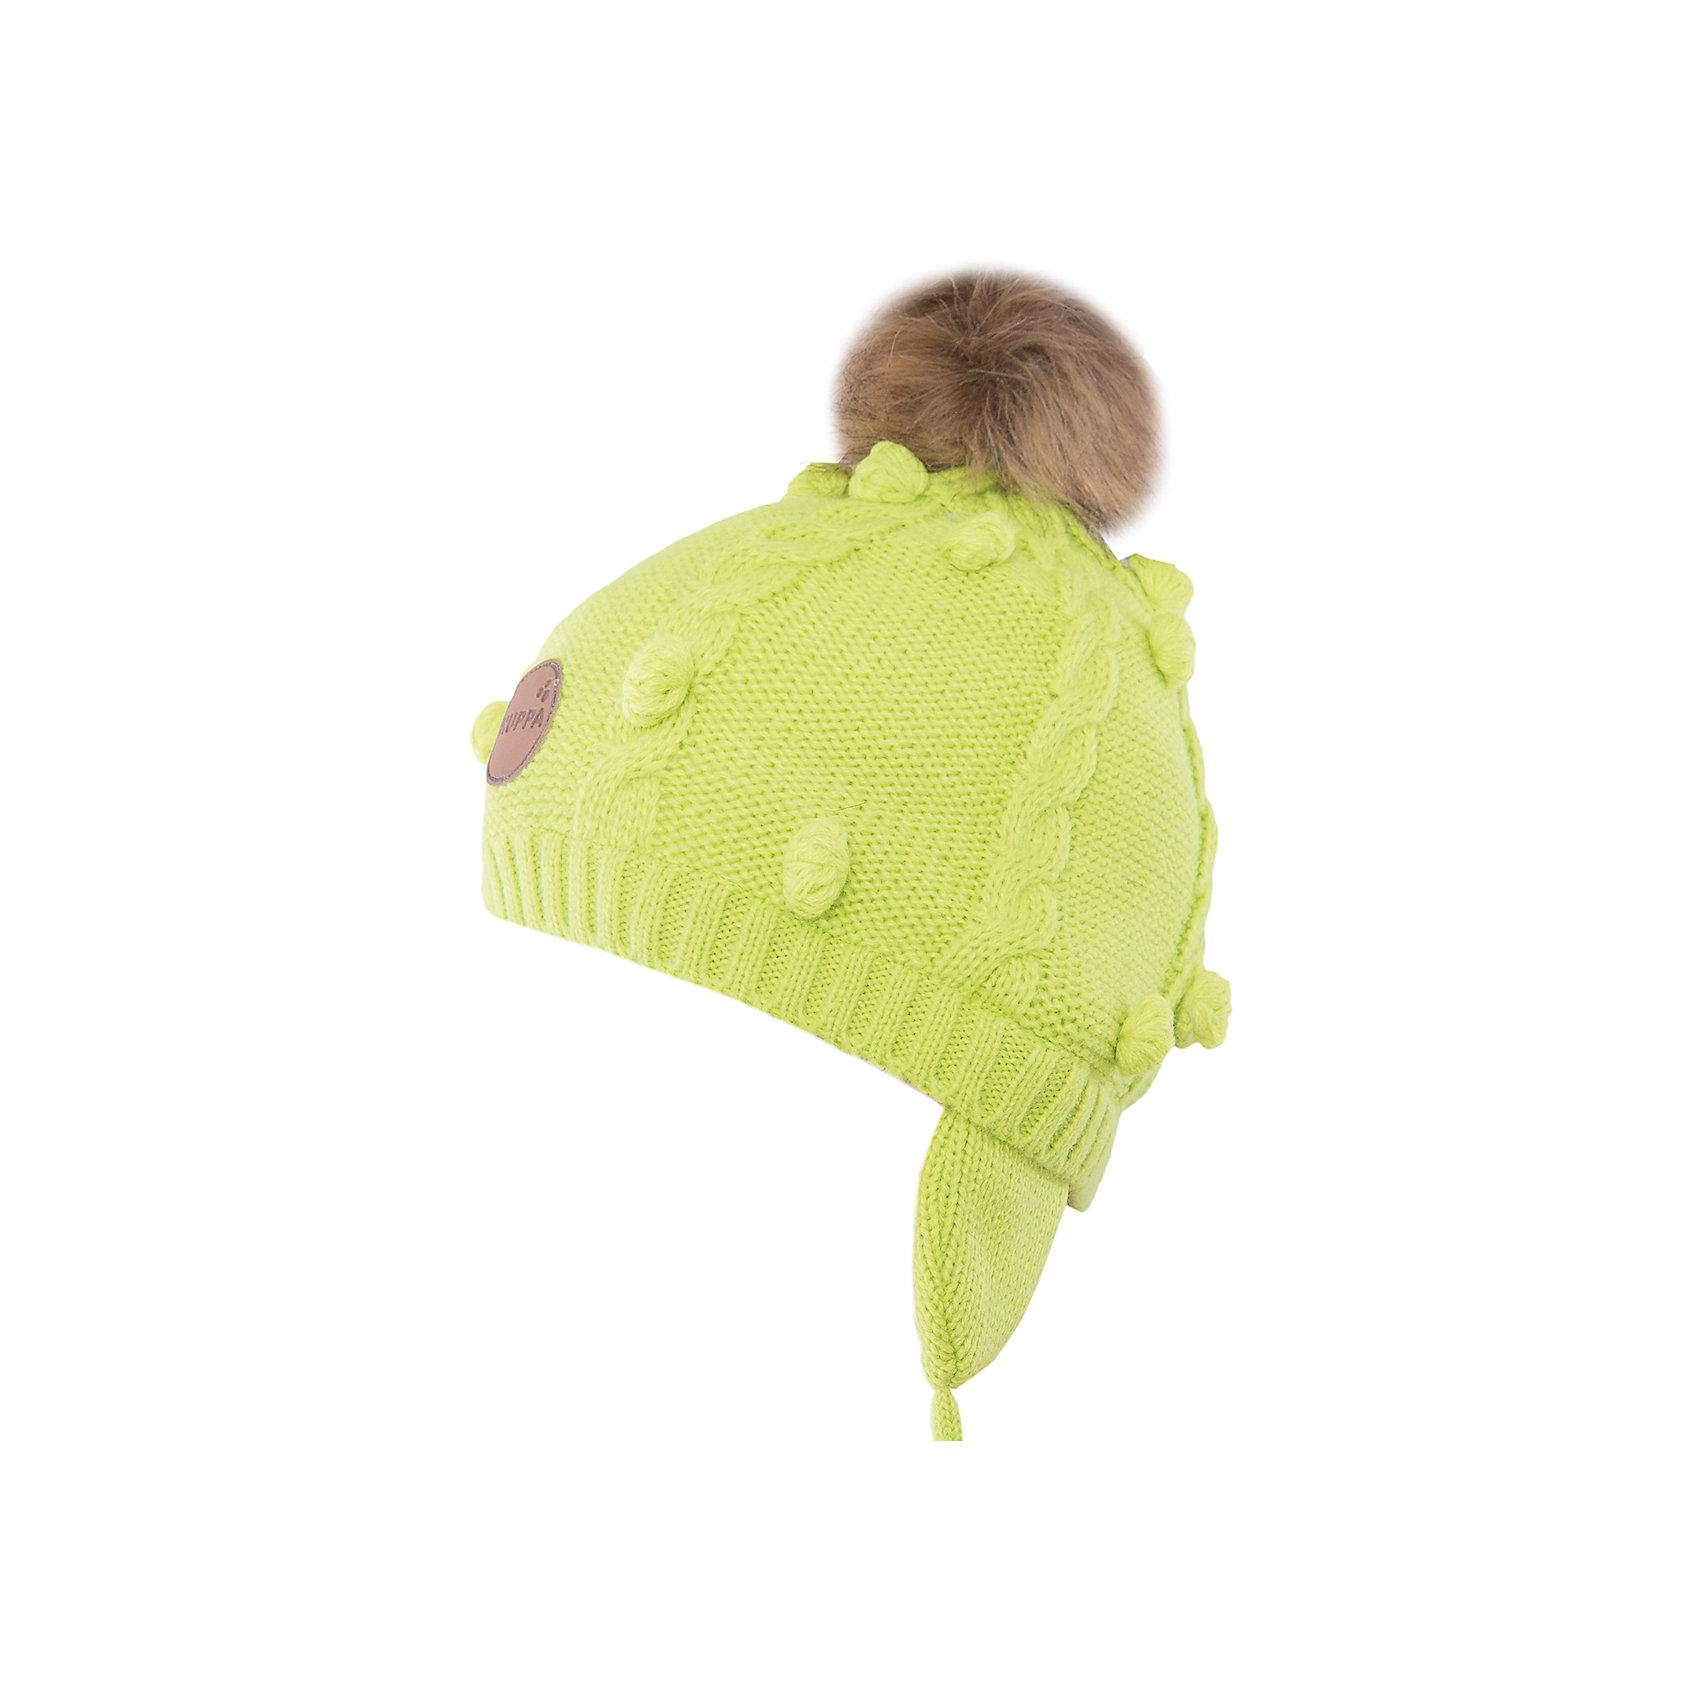 Шапка Macy HuppaГоловные уборы<br>Модная вязаная шапка MACY Huppa(Хуппа) изготовлена из акрила. Она отлично защищает голову и уши ребенка от холода, благодаря удобной форме, завязкам и клапанам. Шапка украшена меховым помпоном, который обязательно понравится маленькой моднице.<br><br>Дополнительная информация: <br>Материал: 100% акрил<br>Подкладка: 100% хлопок<br>Цвет: салатовый<br><br>Шапку MACY Huppa(Хуппа) можно приобрести в нашем интернет-магазине.<br><br>Ширина мм: 89<br>Глубина мм: 117<br>Высота мм: 44<br>Вес г: 155<br>Цвет: зеленый<br>Возраст от месяцев: 12<br>Возраст до месяцев: 24<br>Пол: Женский<br>Возраст: Детский<br>Размер: 47-49,55-57,51-53<br>SKU: 4923830